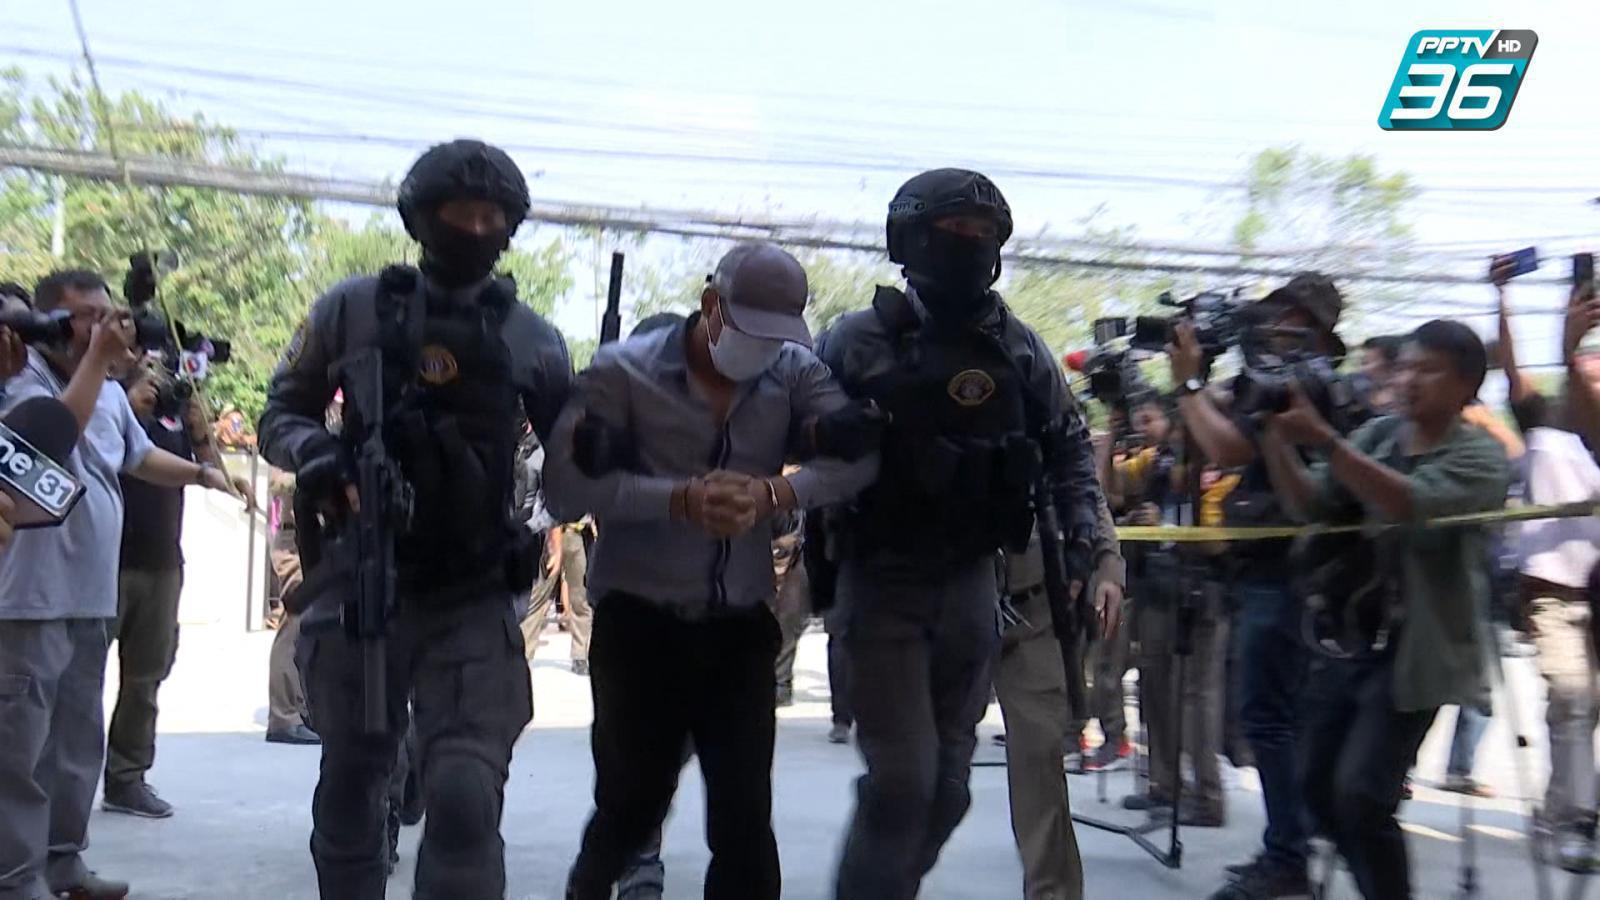 ผบ.ตร.ยืนยันจับคนร้ายปล้นทองลพบุรี ไม่มีจับแพะ รับสารภาพเอง